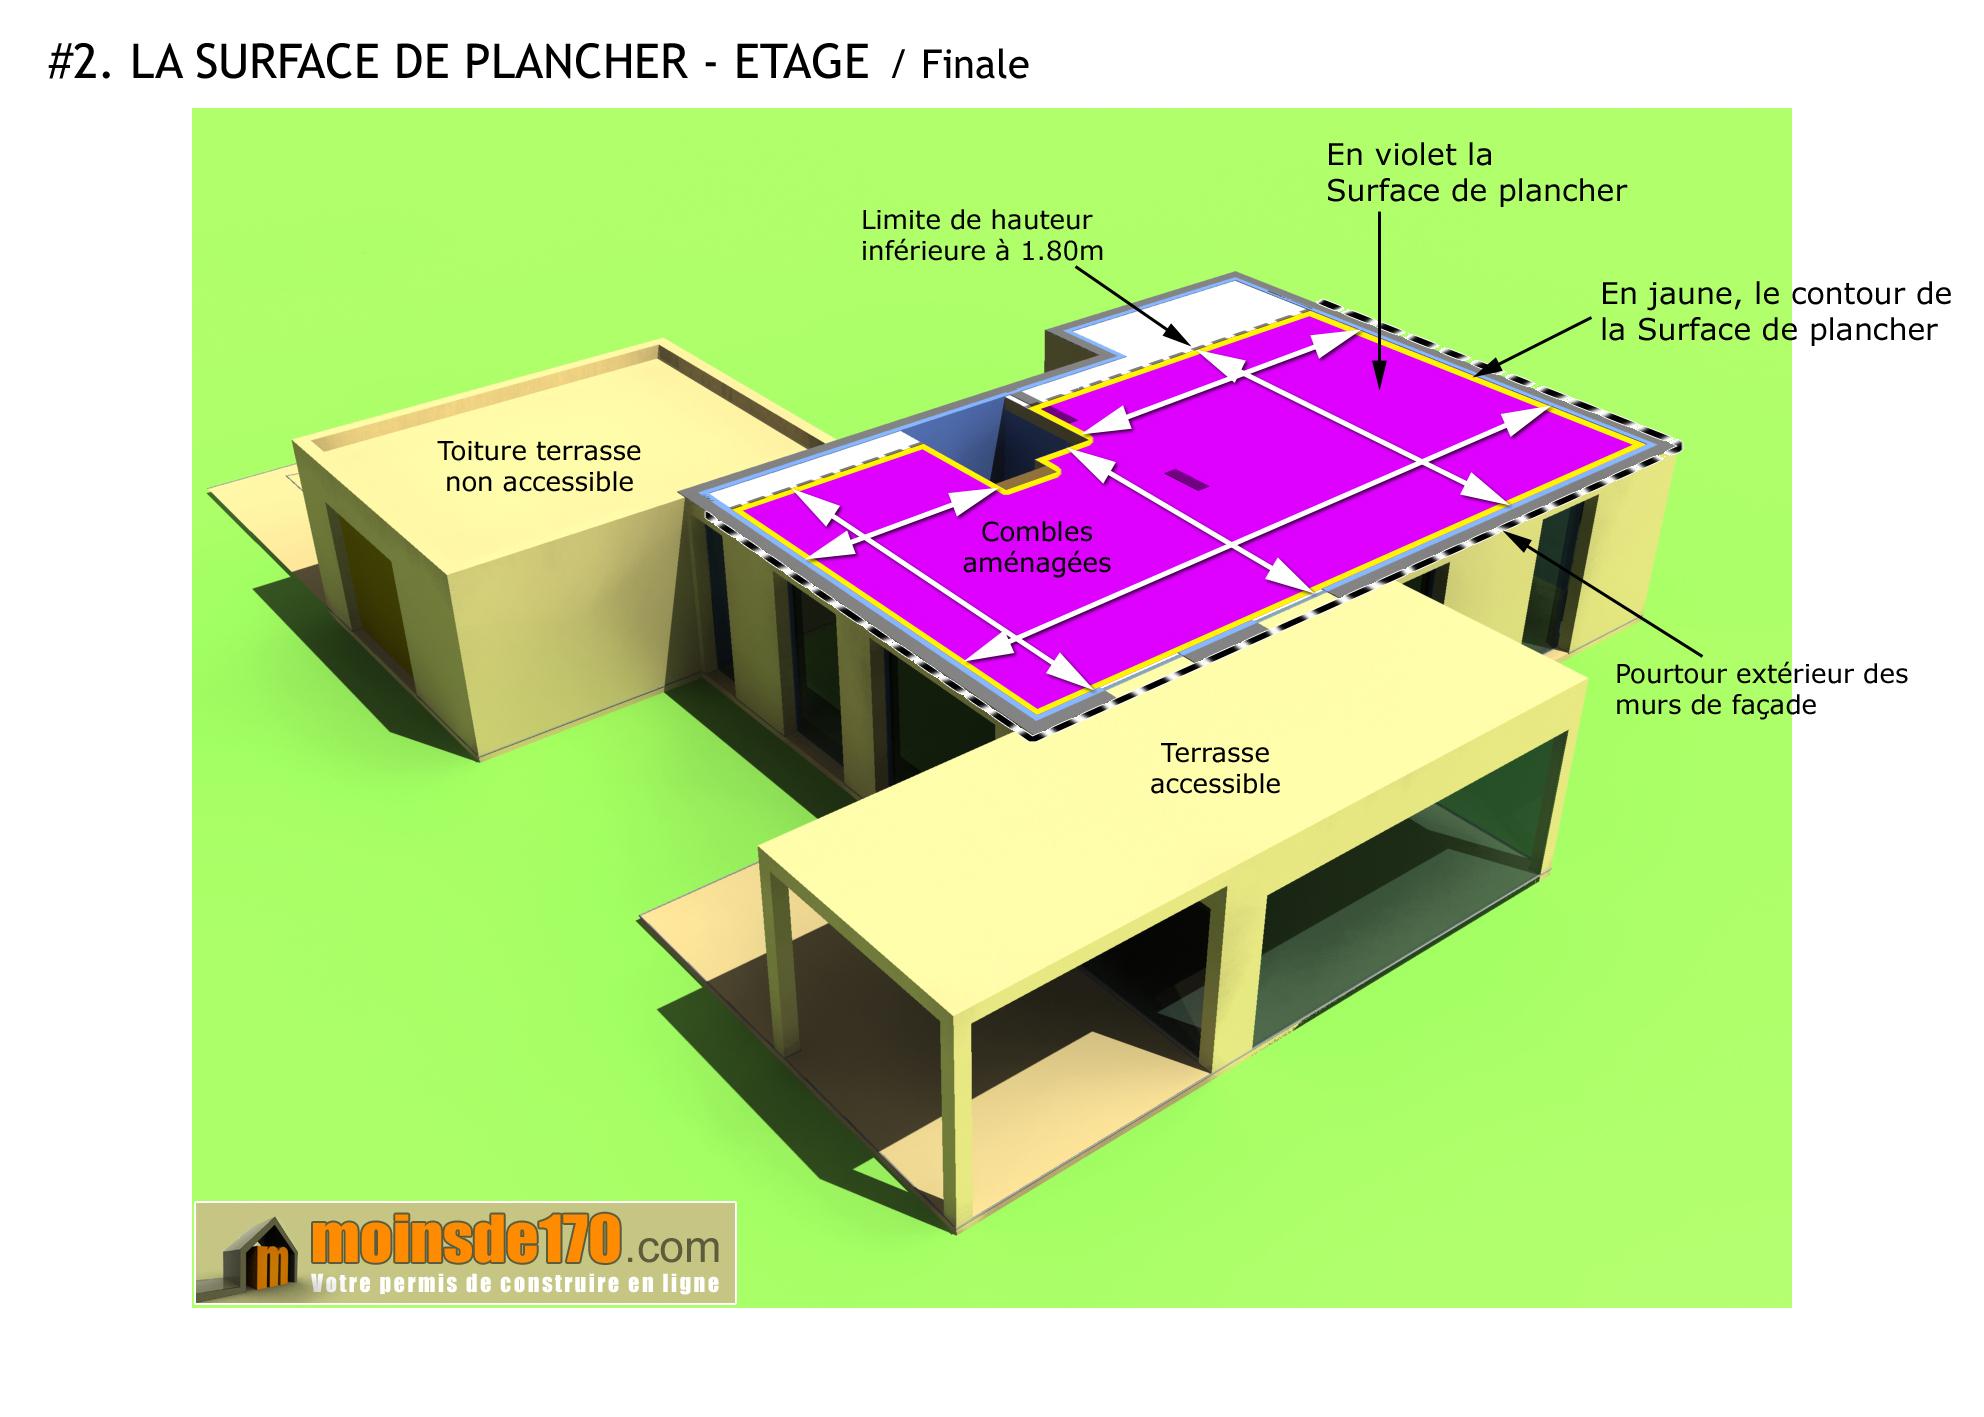 comment estimer la valeur d une maison avec terrain ventana blog. Black Bedroom Furniture Sets. Home Design Ideas